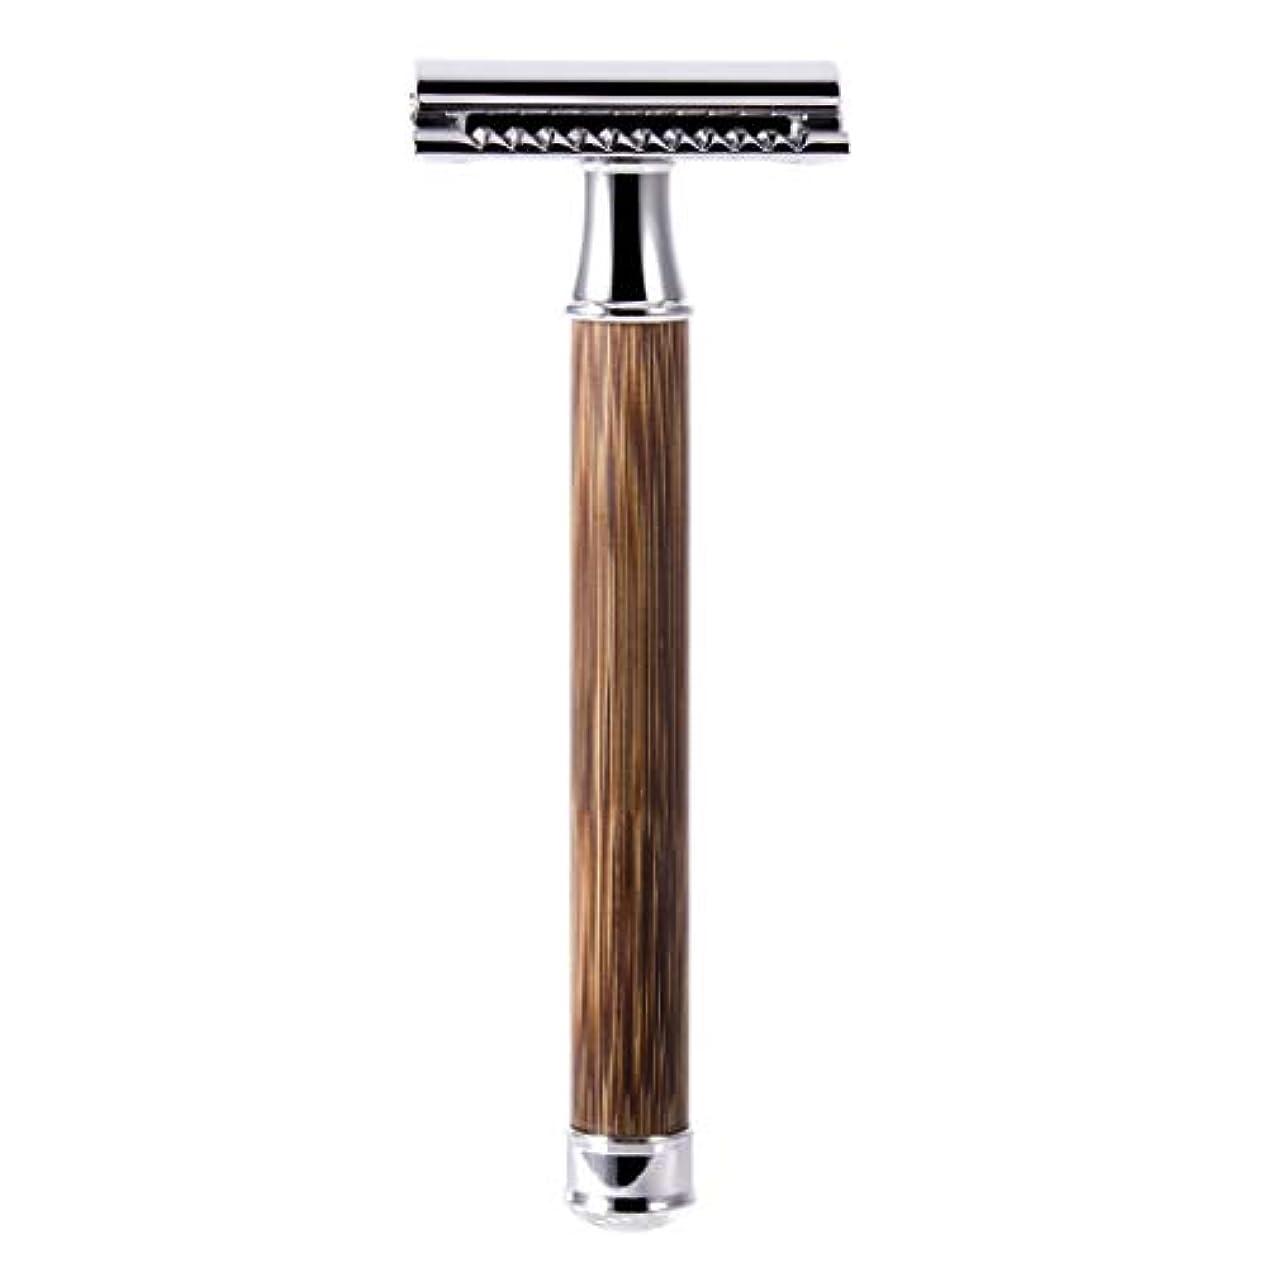 アスペクト悲観的出会いQIANMEI レトロダブルエッジ剃刀安全カミソリヘアーリムーバーかみそりは、すべての標準レイザーブレードに適合します